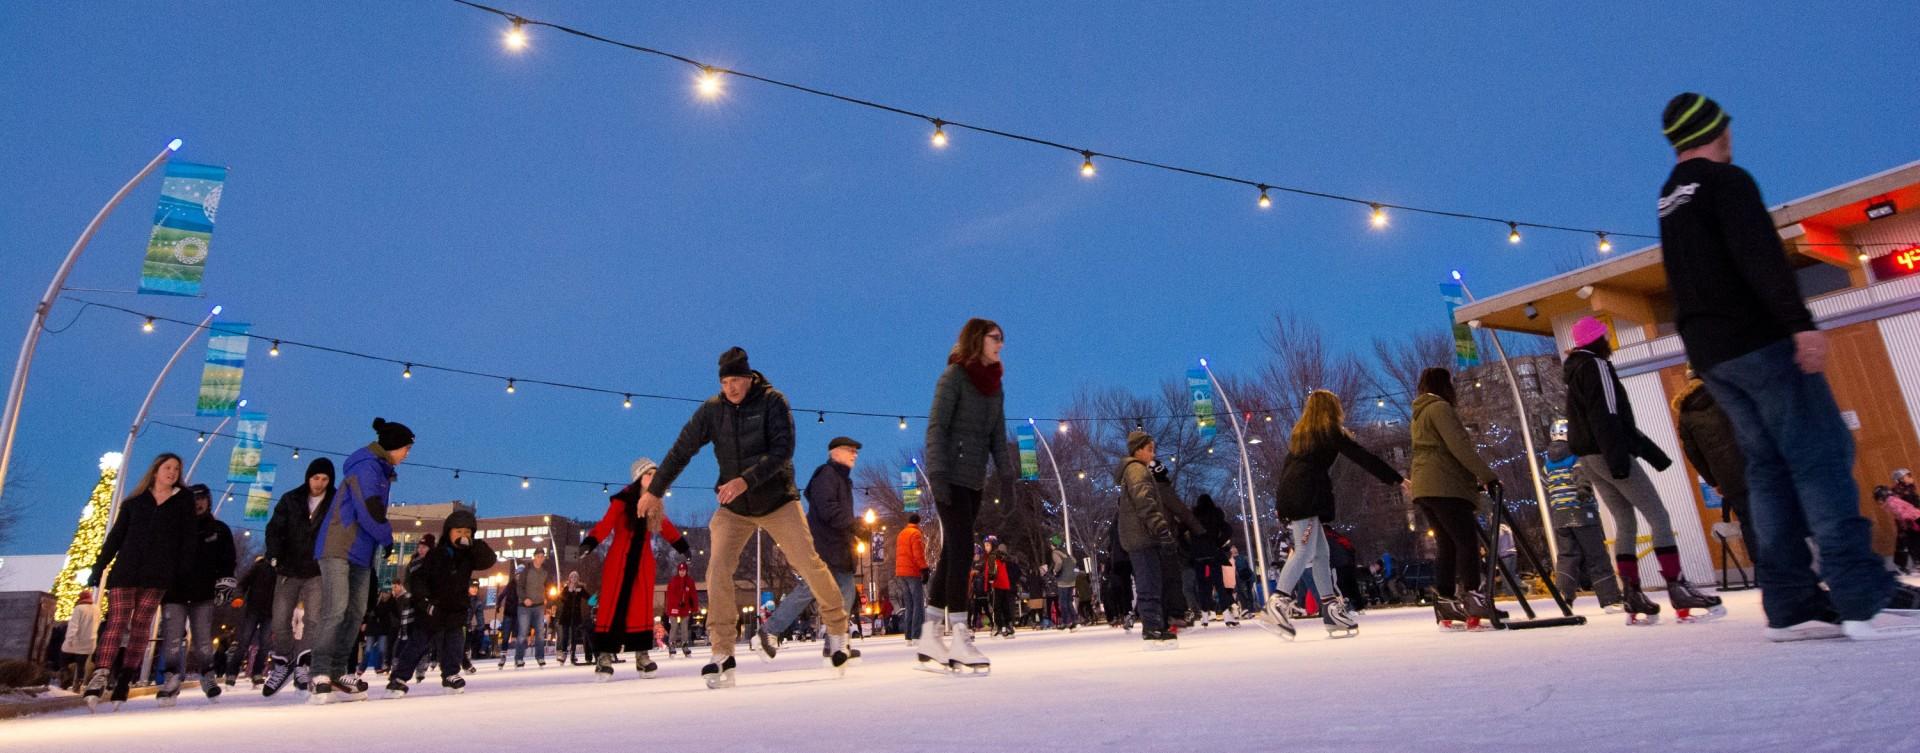 Skating in Stuart Park